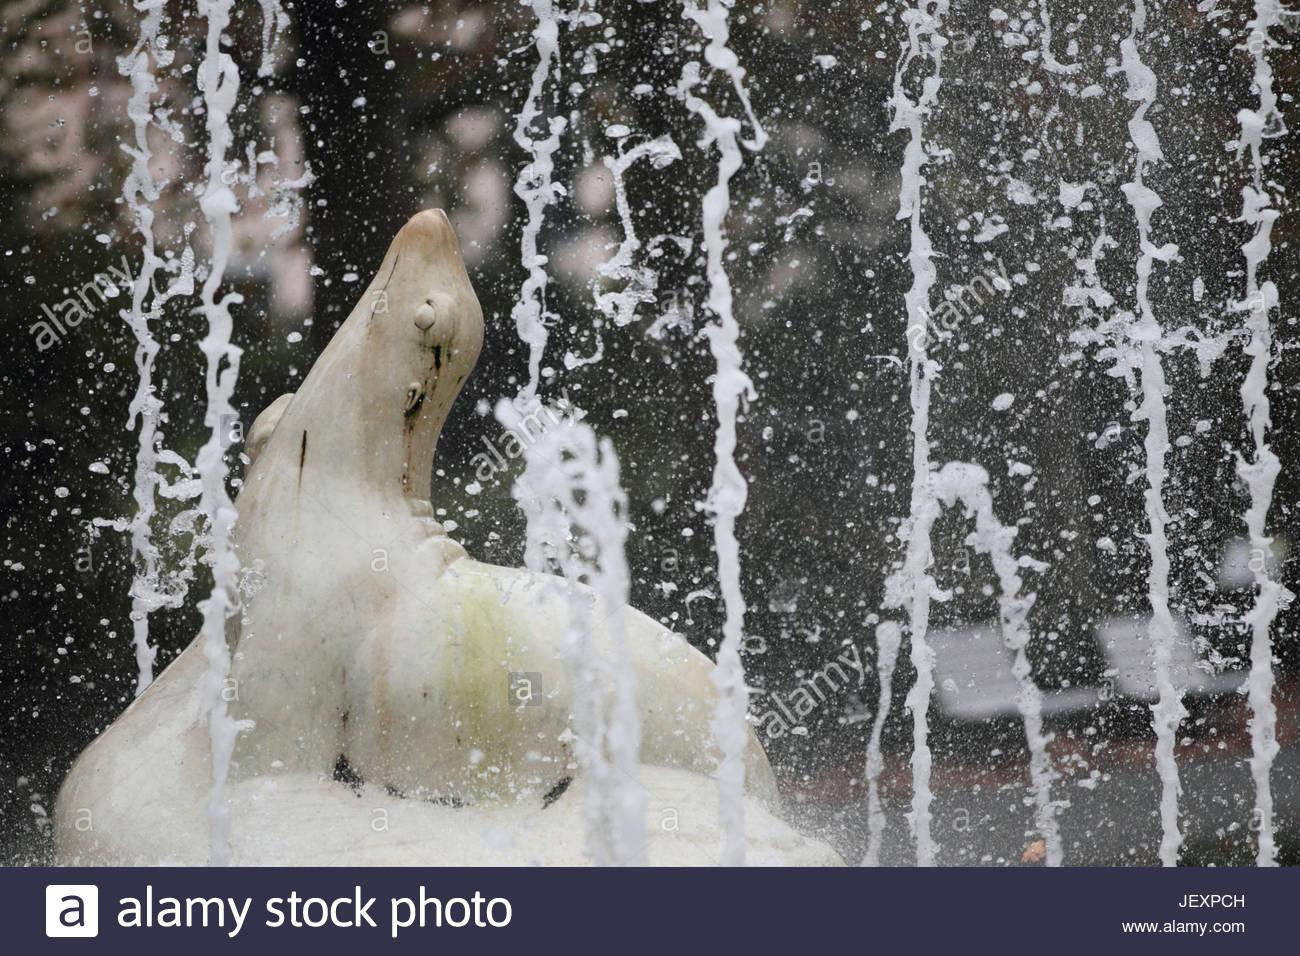 Una fontana ornata da una scultura di una guarnizione di tenuta. Immagini Stock